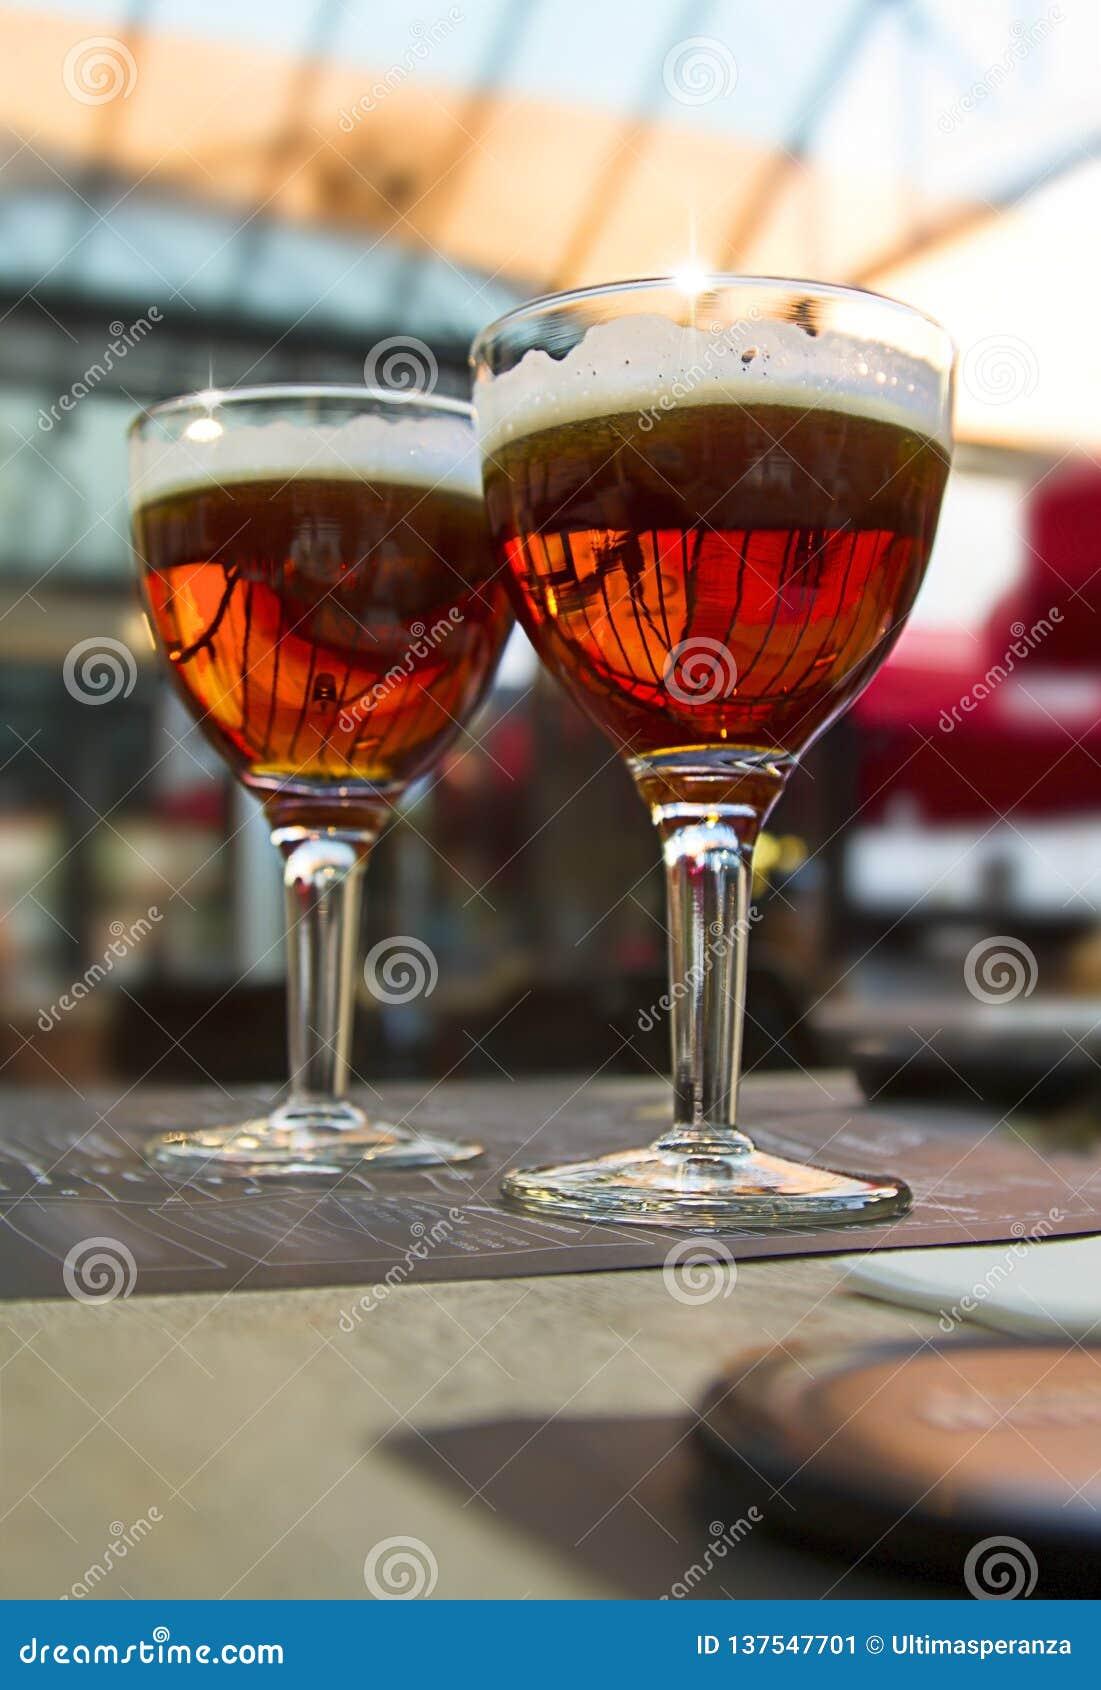 Brouillez le fond clair avec deux verres de bière foncée sur la table de café